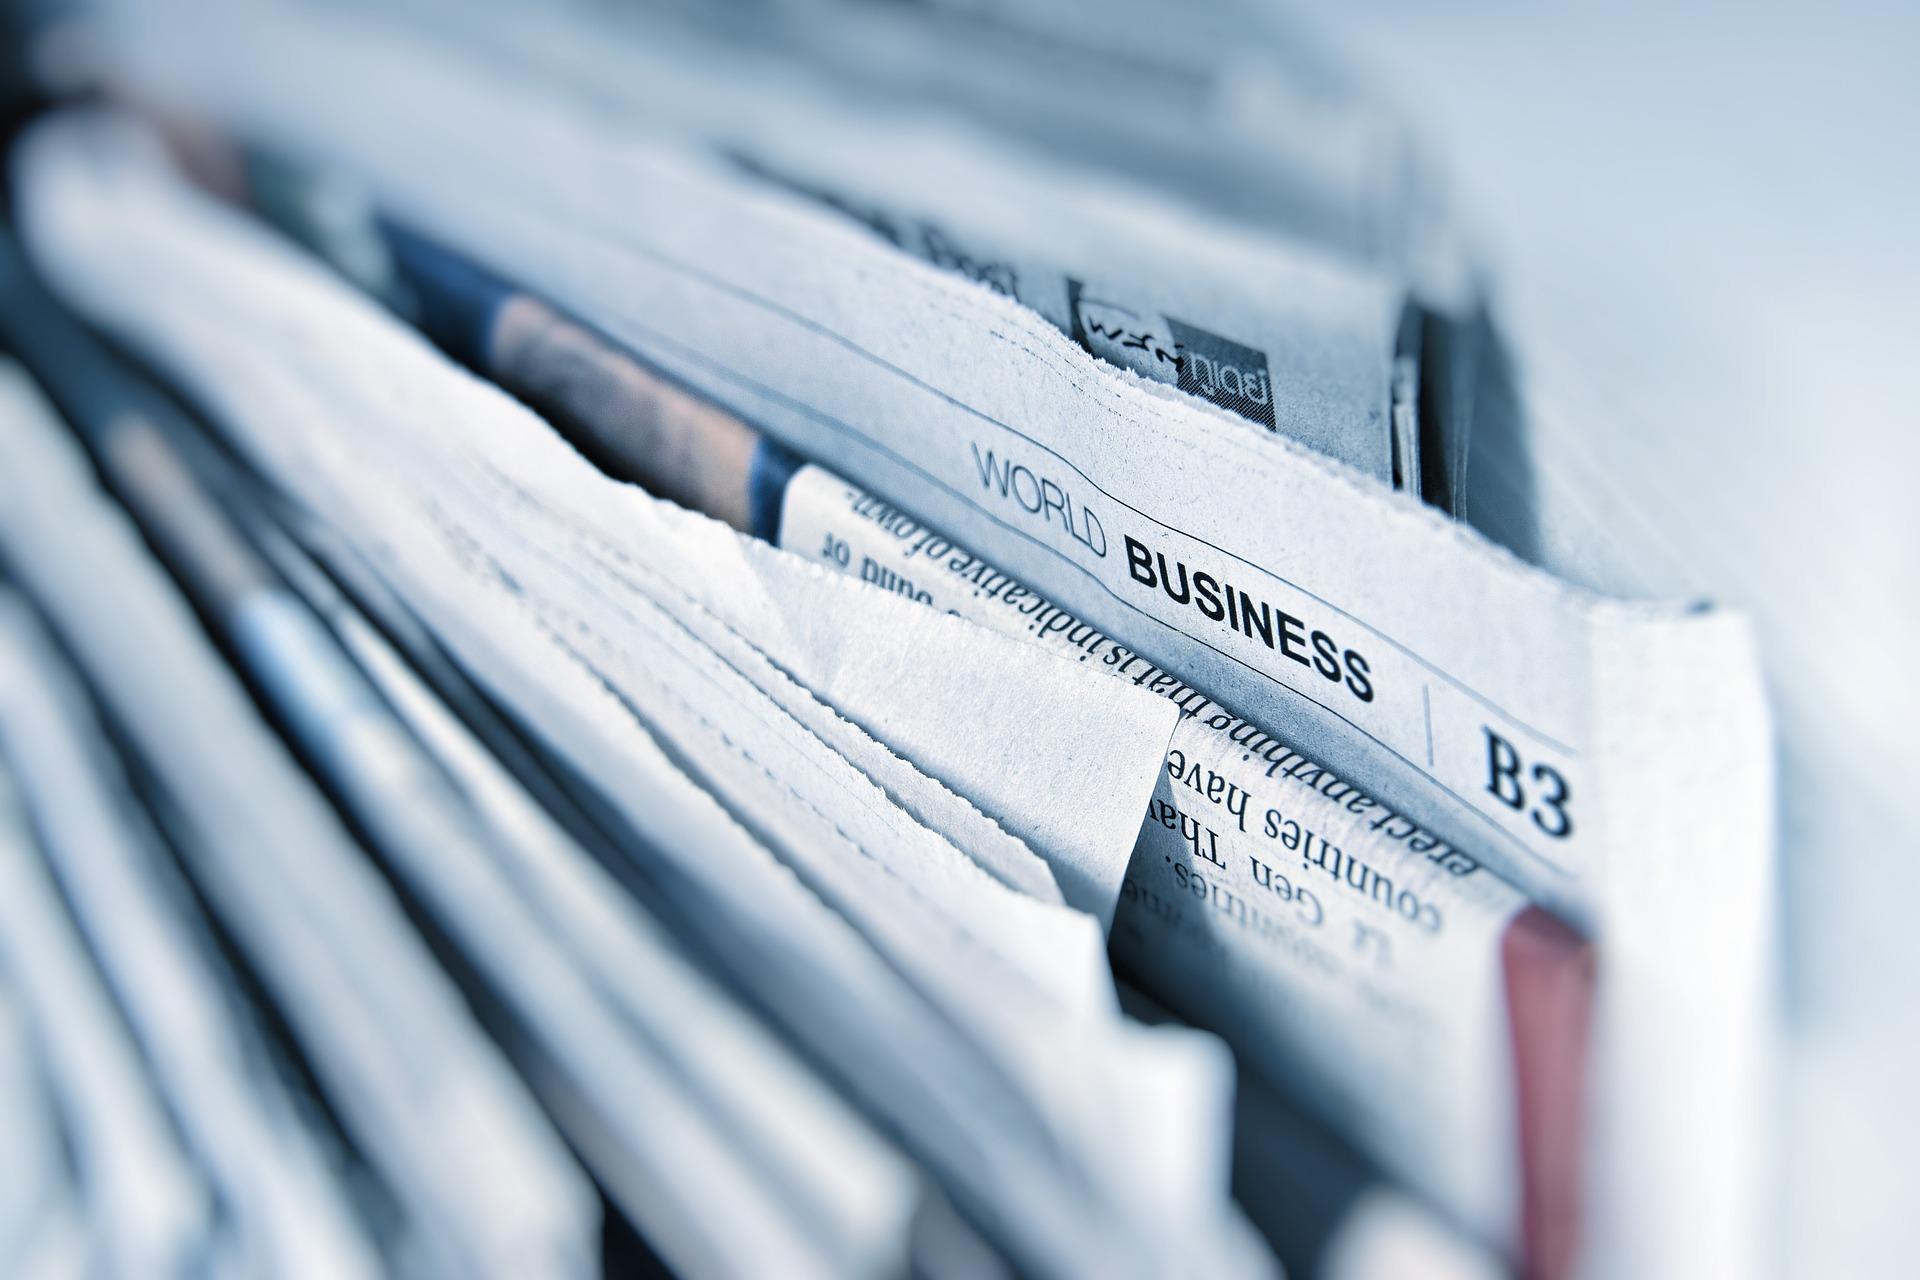 El periodismo de datos no es revolucionario, pero sí transformador